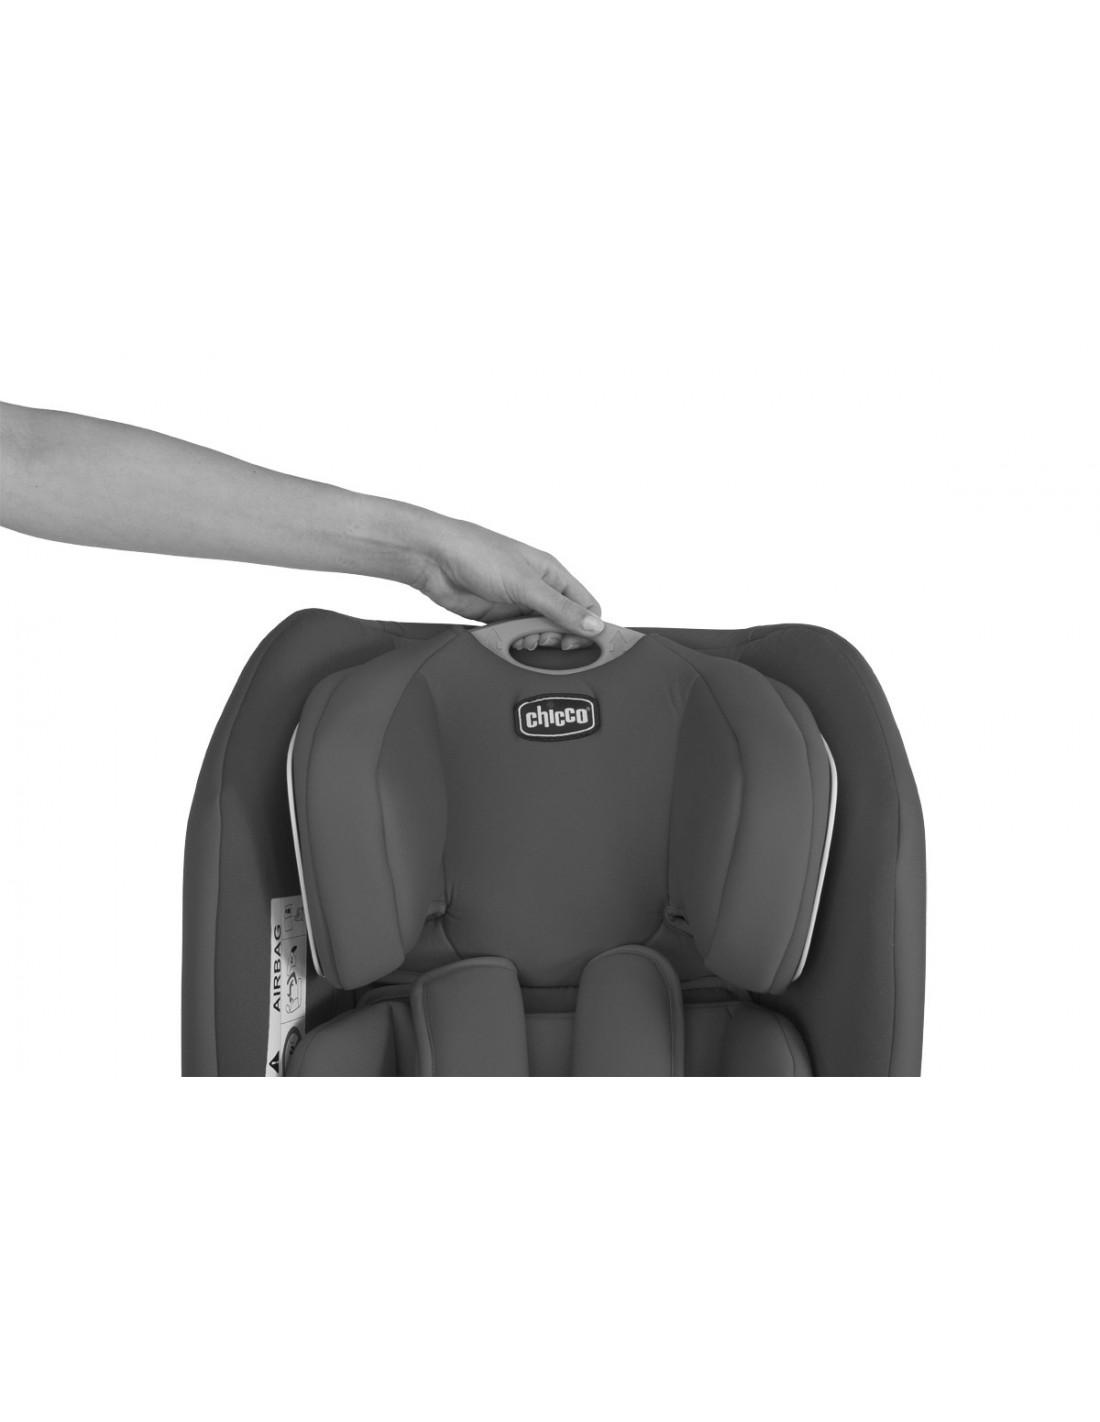 Chicco siege auto   12304 PAS CHER  12305 Seat Up promotion Bebe Concept dc68dc04a1e